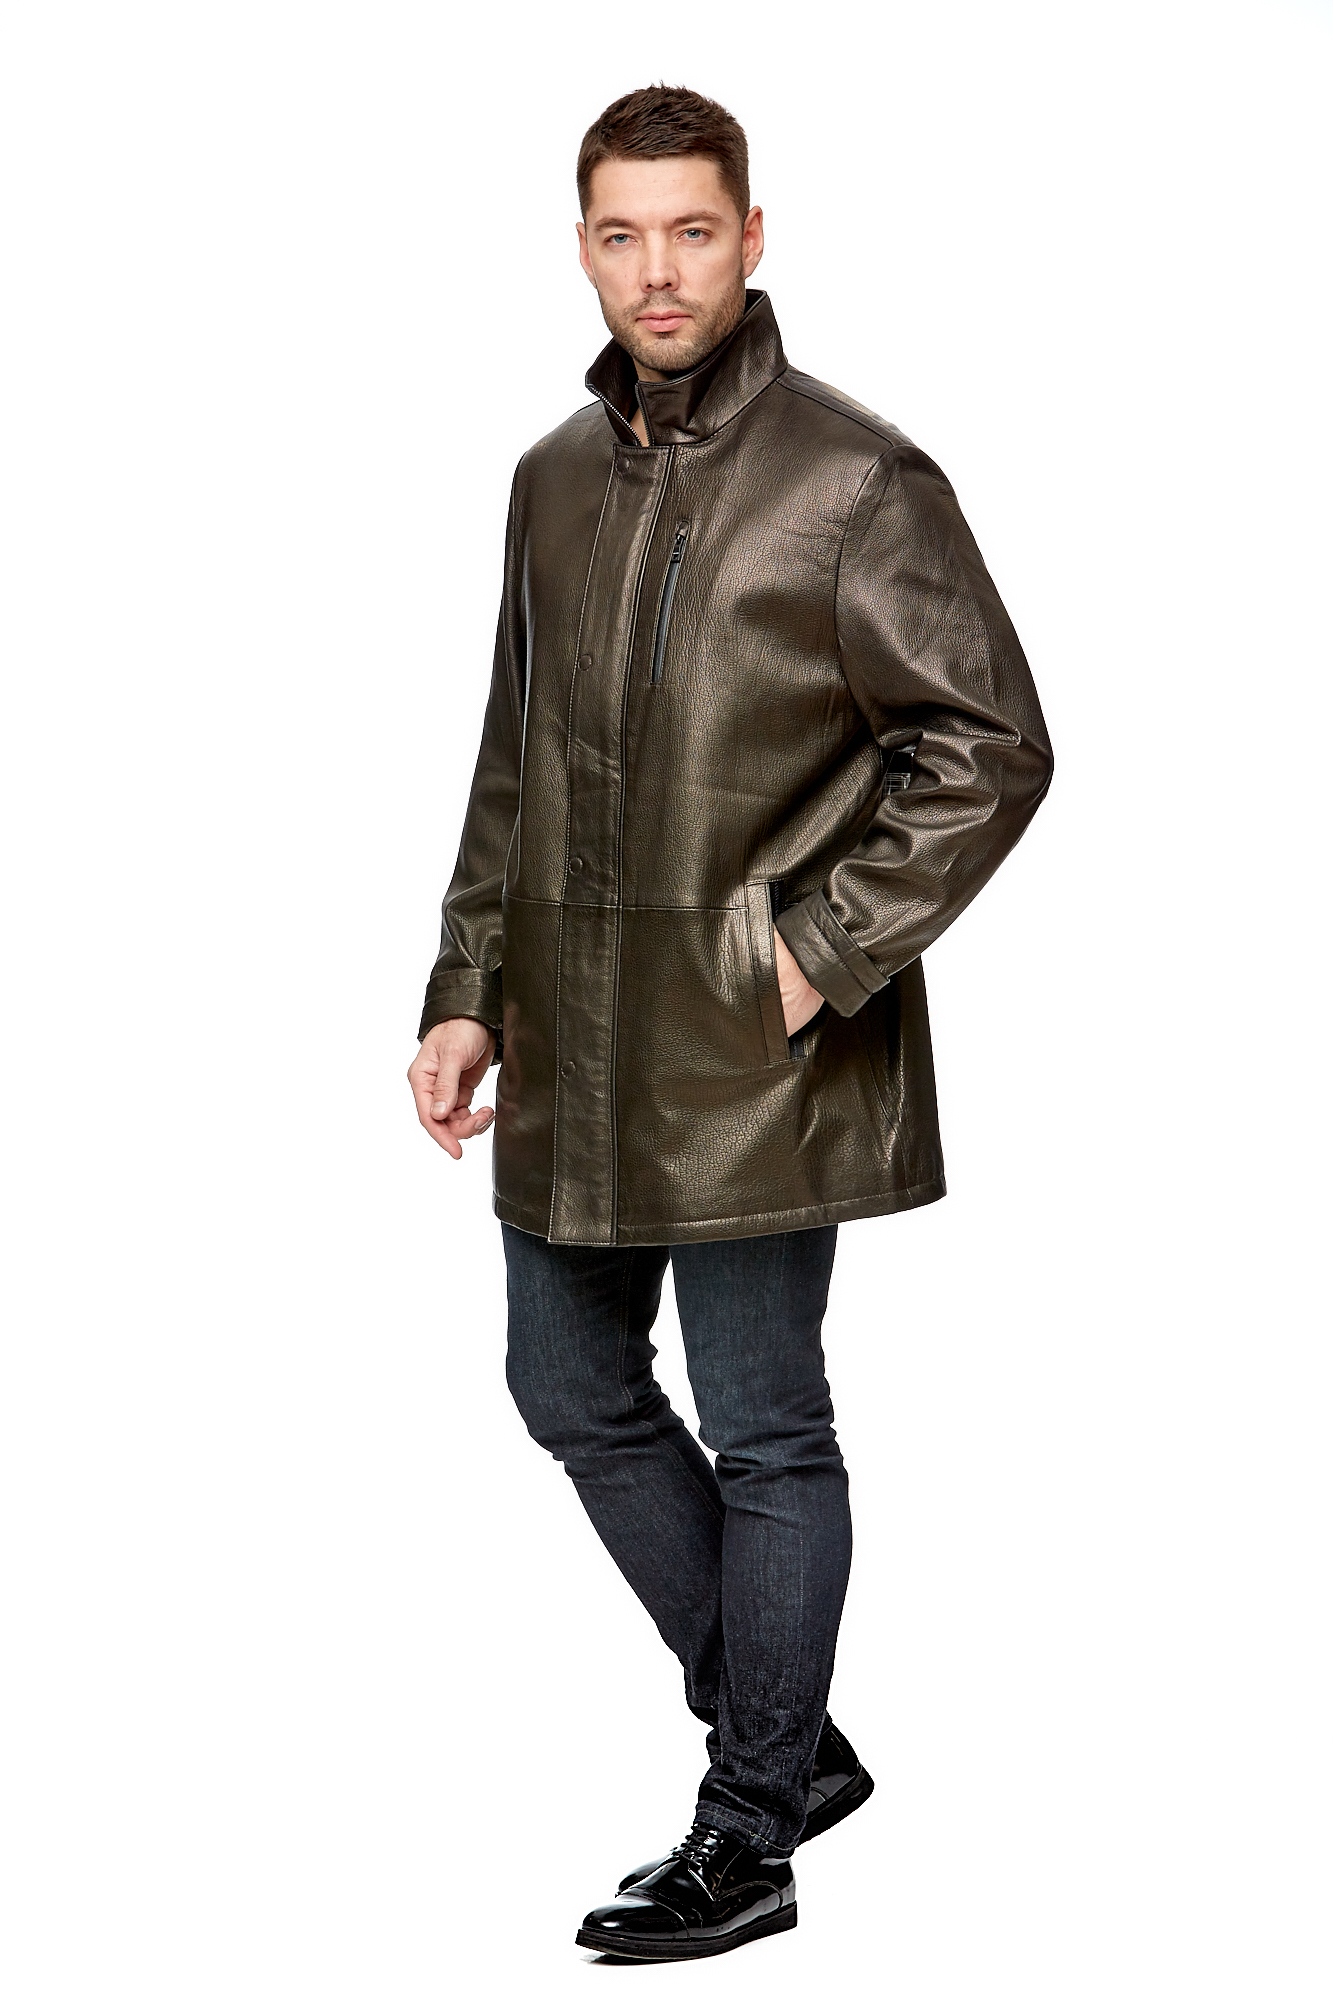 Мужская кожаная куртка из натуральной кожи с воротником МОСМЕХА